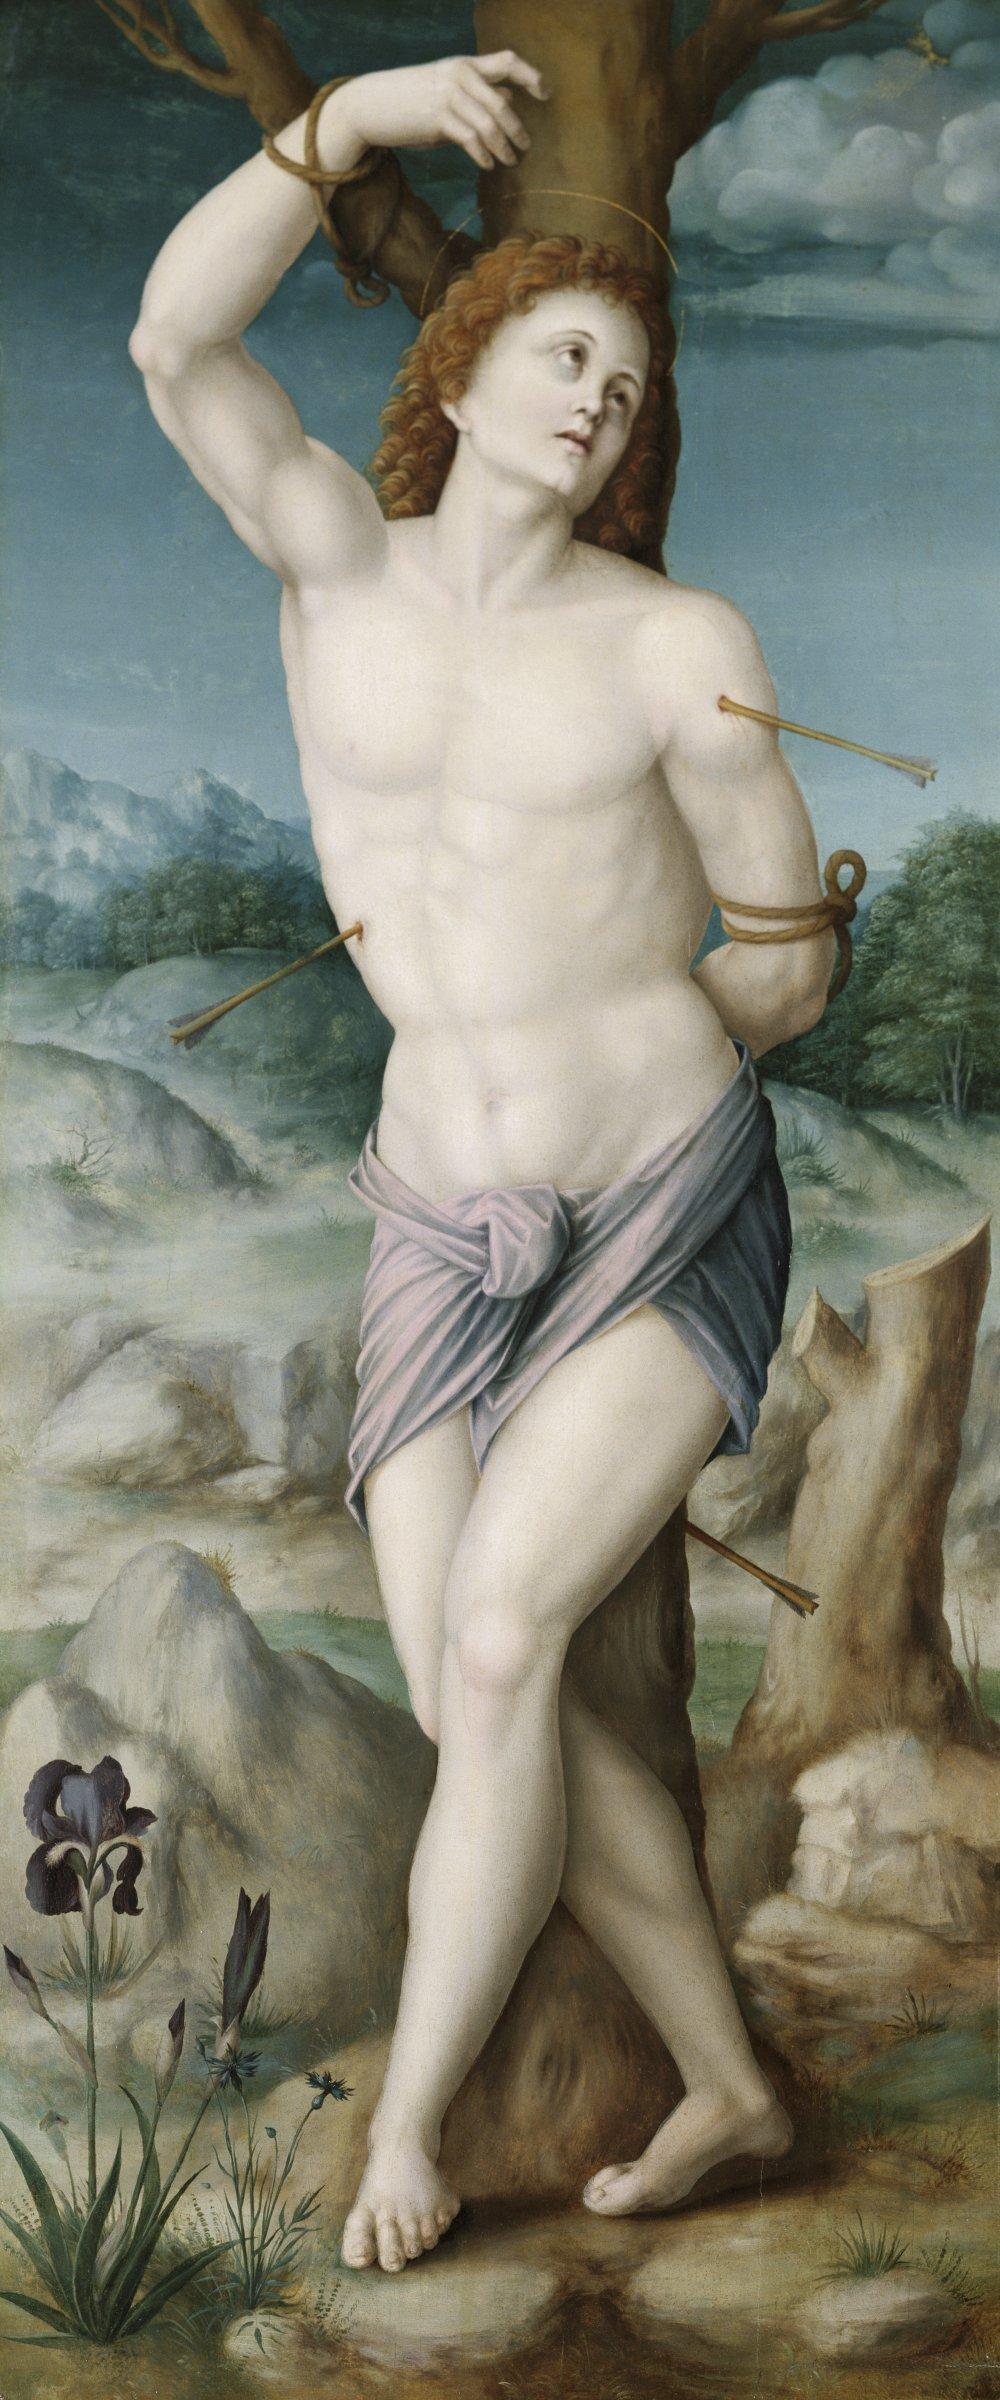 Saint Sebastian, Francesco d'Ubertino Verdi, called Bacchiacca, oil on panel